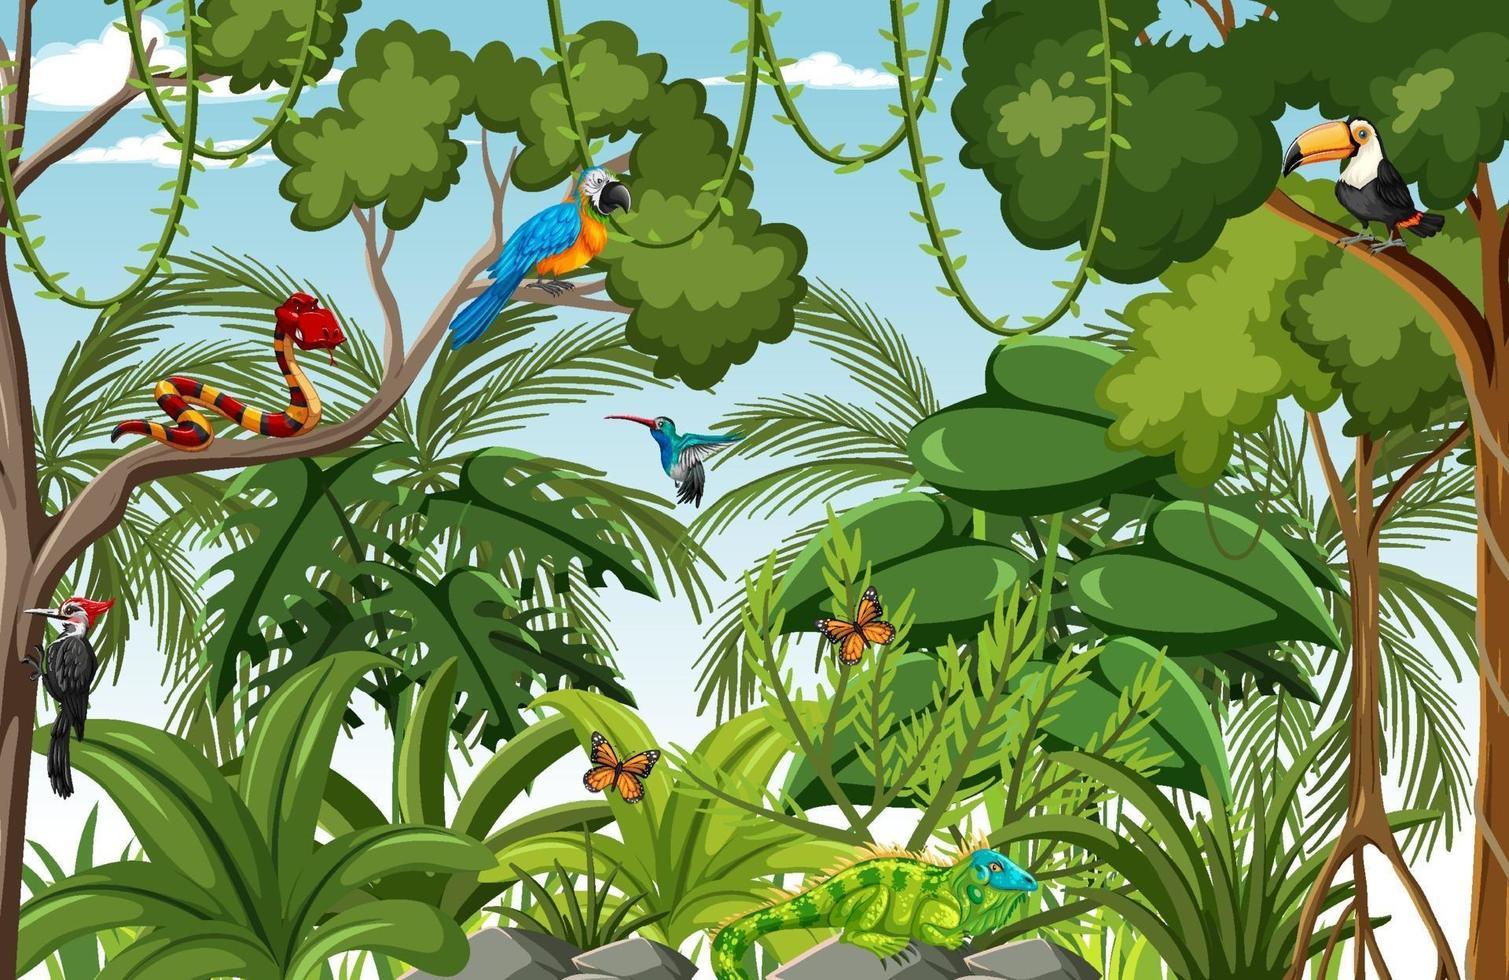 escena del bosque con muchos árboles y animales salvajes. vector